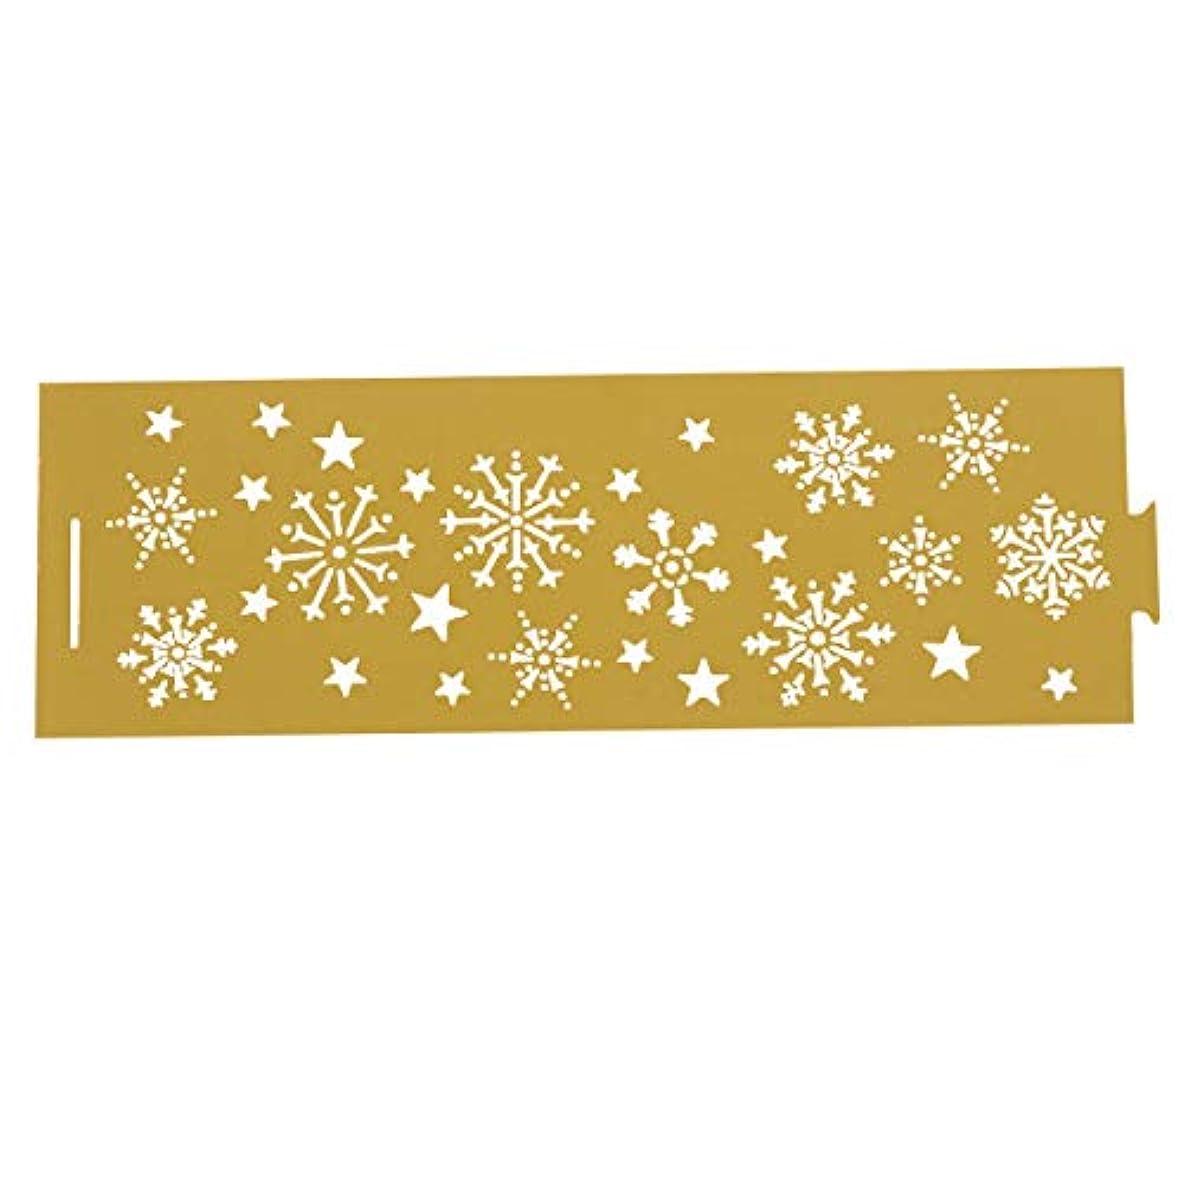 シャーク参加する再生BESTONZON 50ピースled電子キャンドルラッパーライト中空キャンドルシェードカバーペーパーラッパーペーパーキャンドル装飾(ゴールデン)